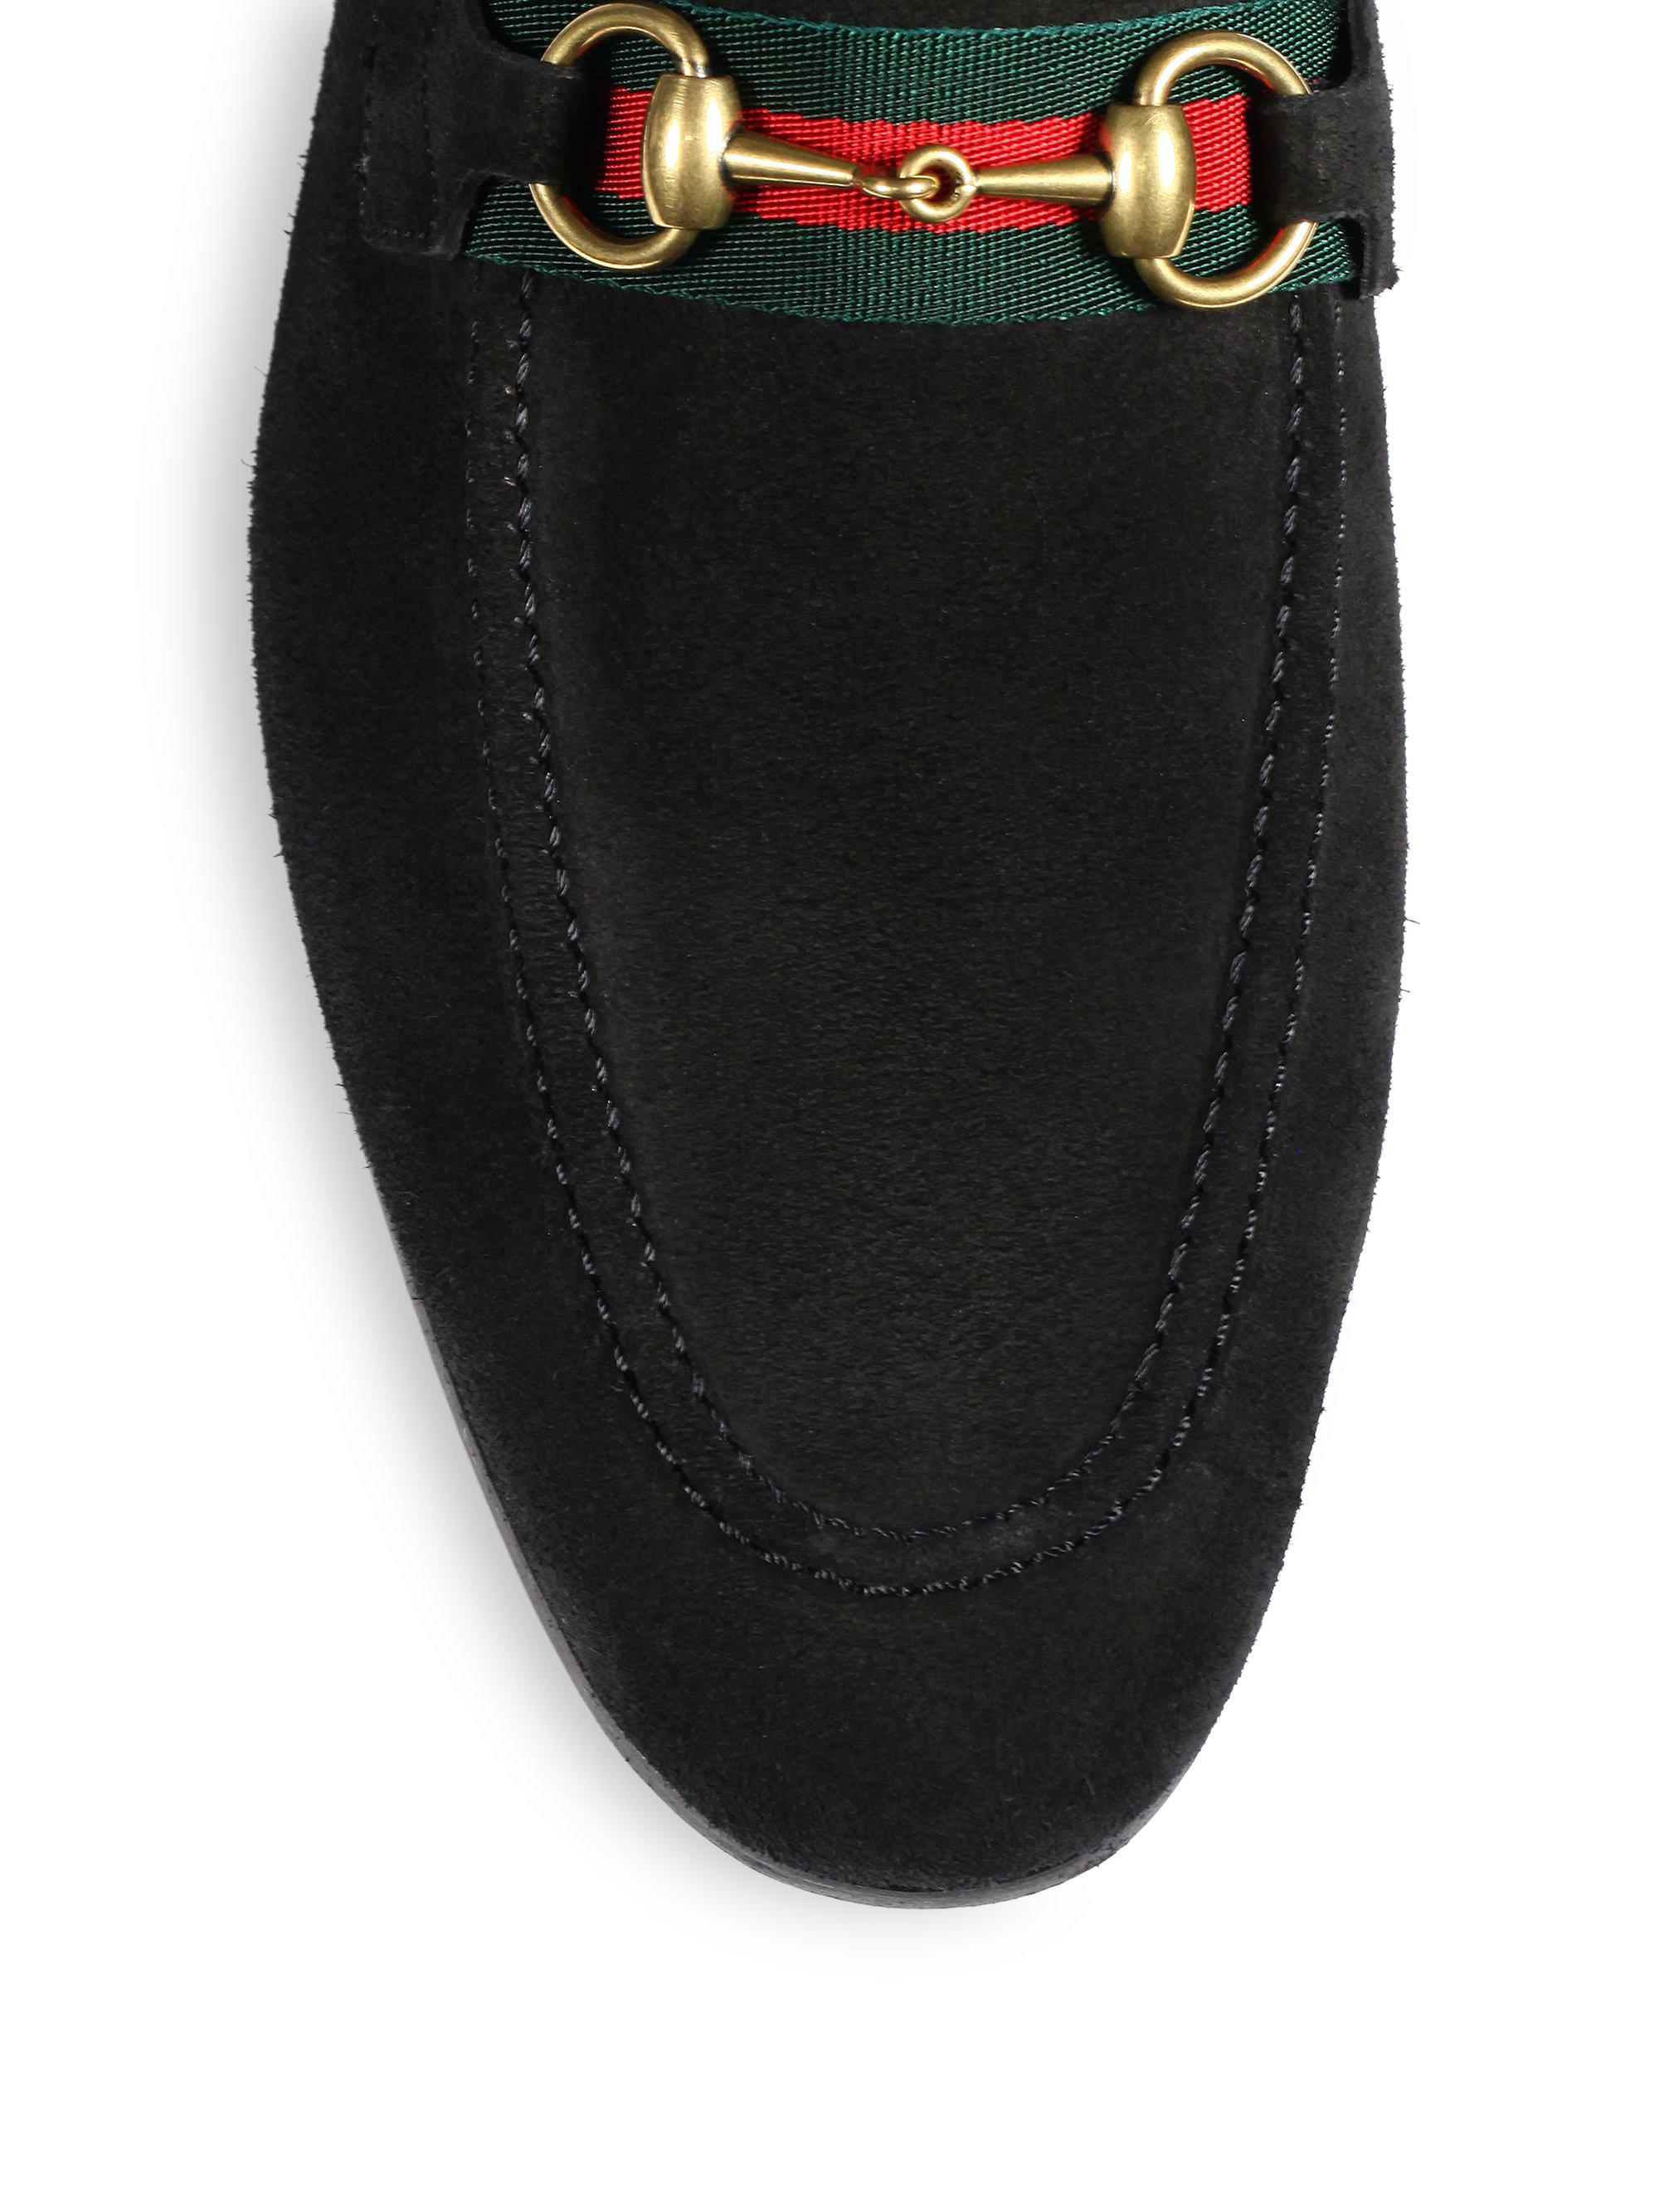 Suede Gucci Men Shoes